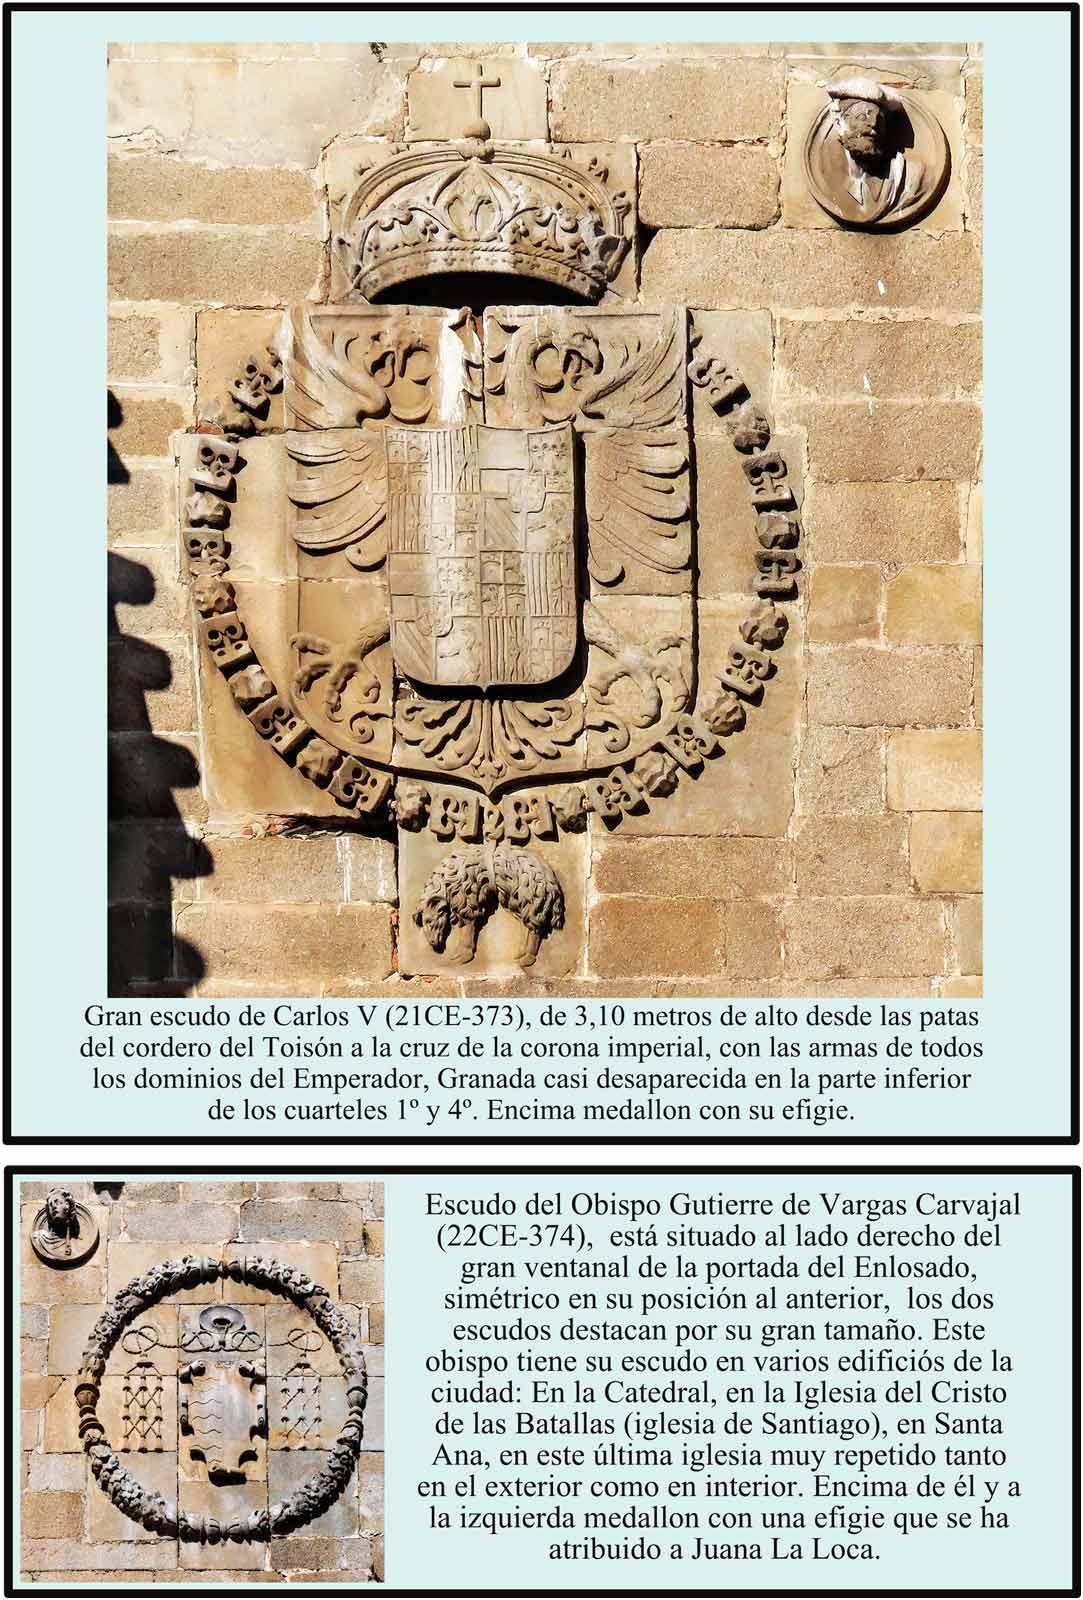 Escudo Carlos V y  Gutierre de Vargas Carvajal